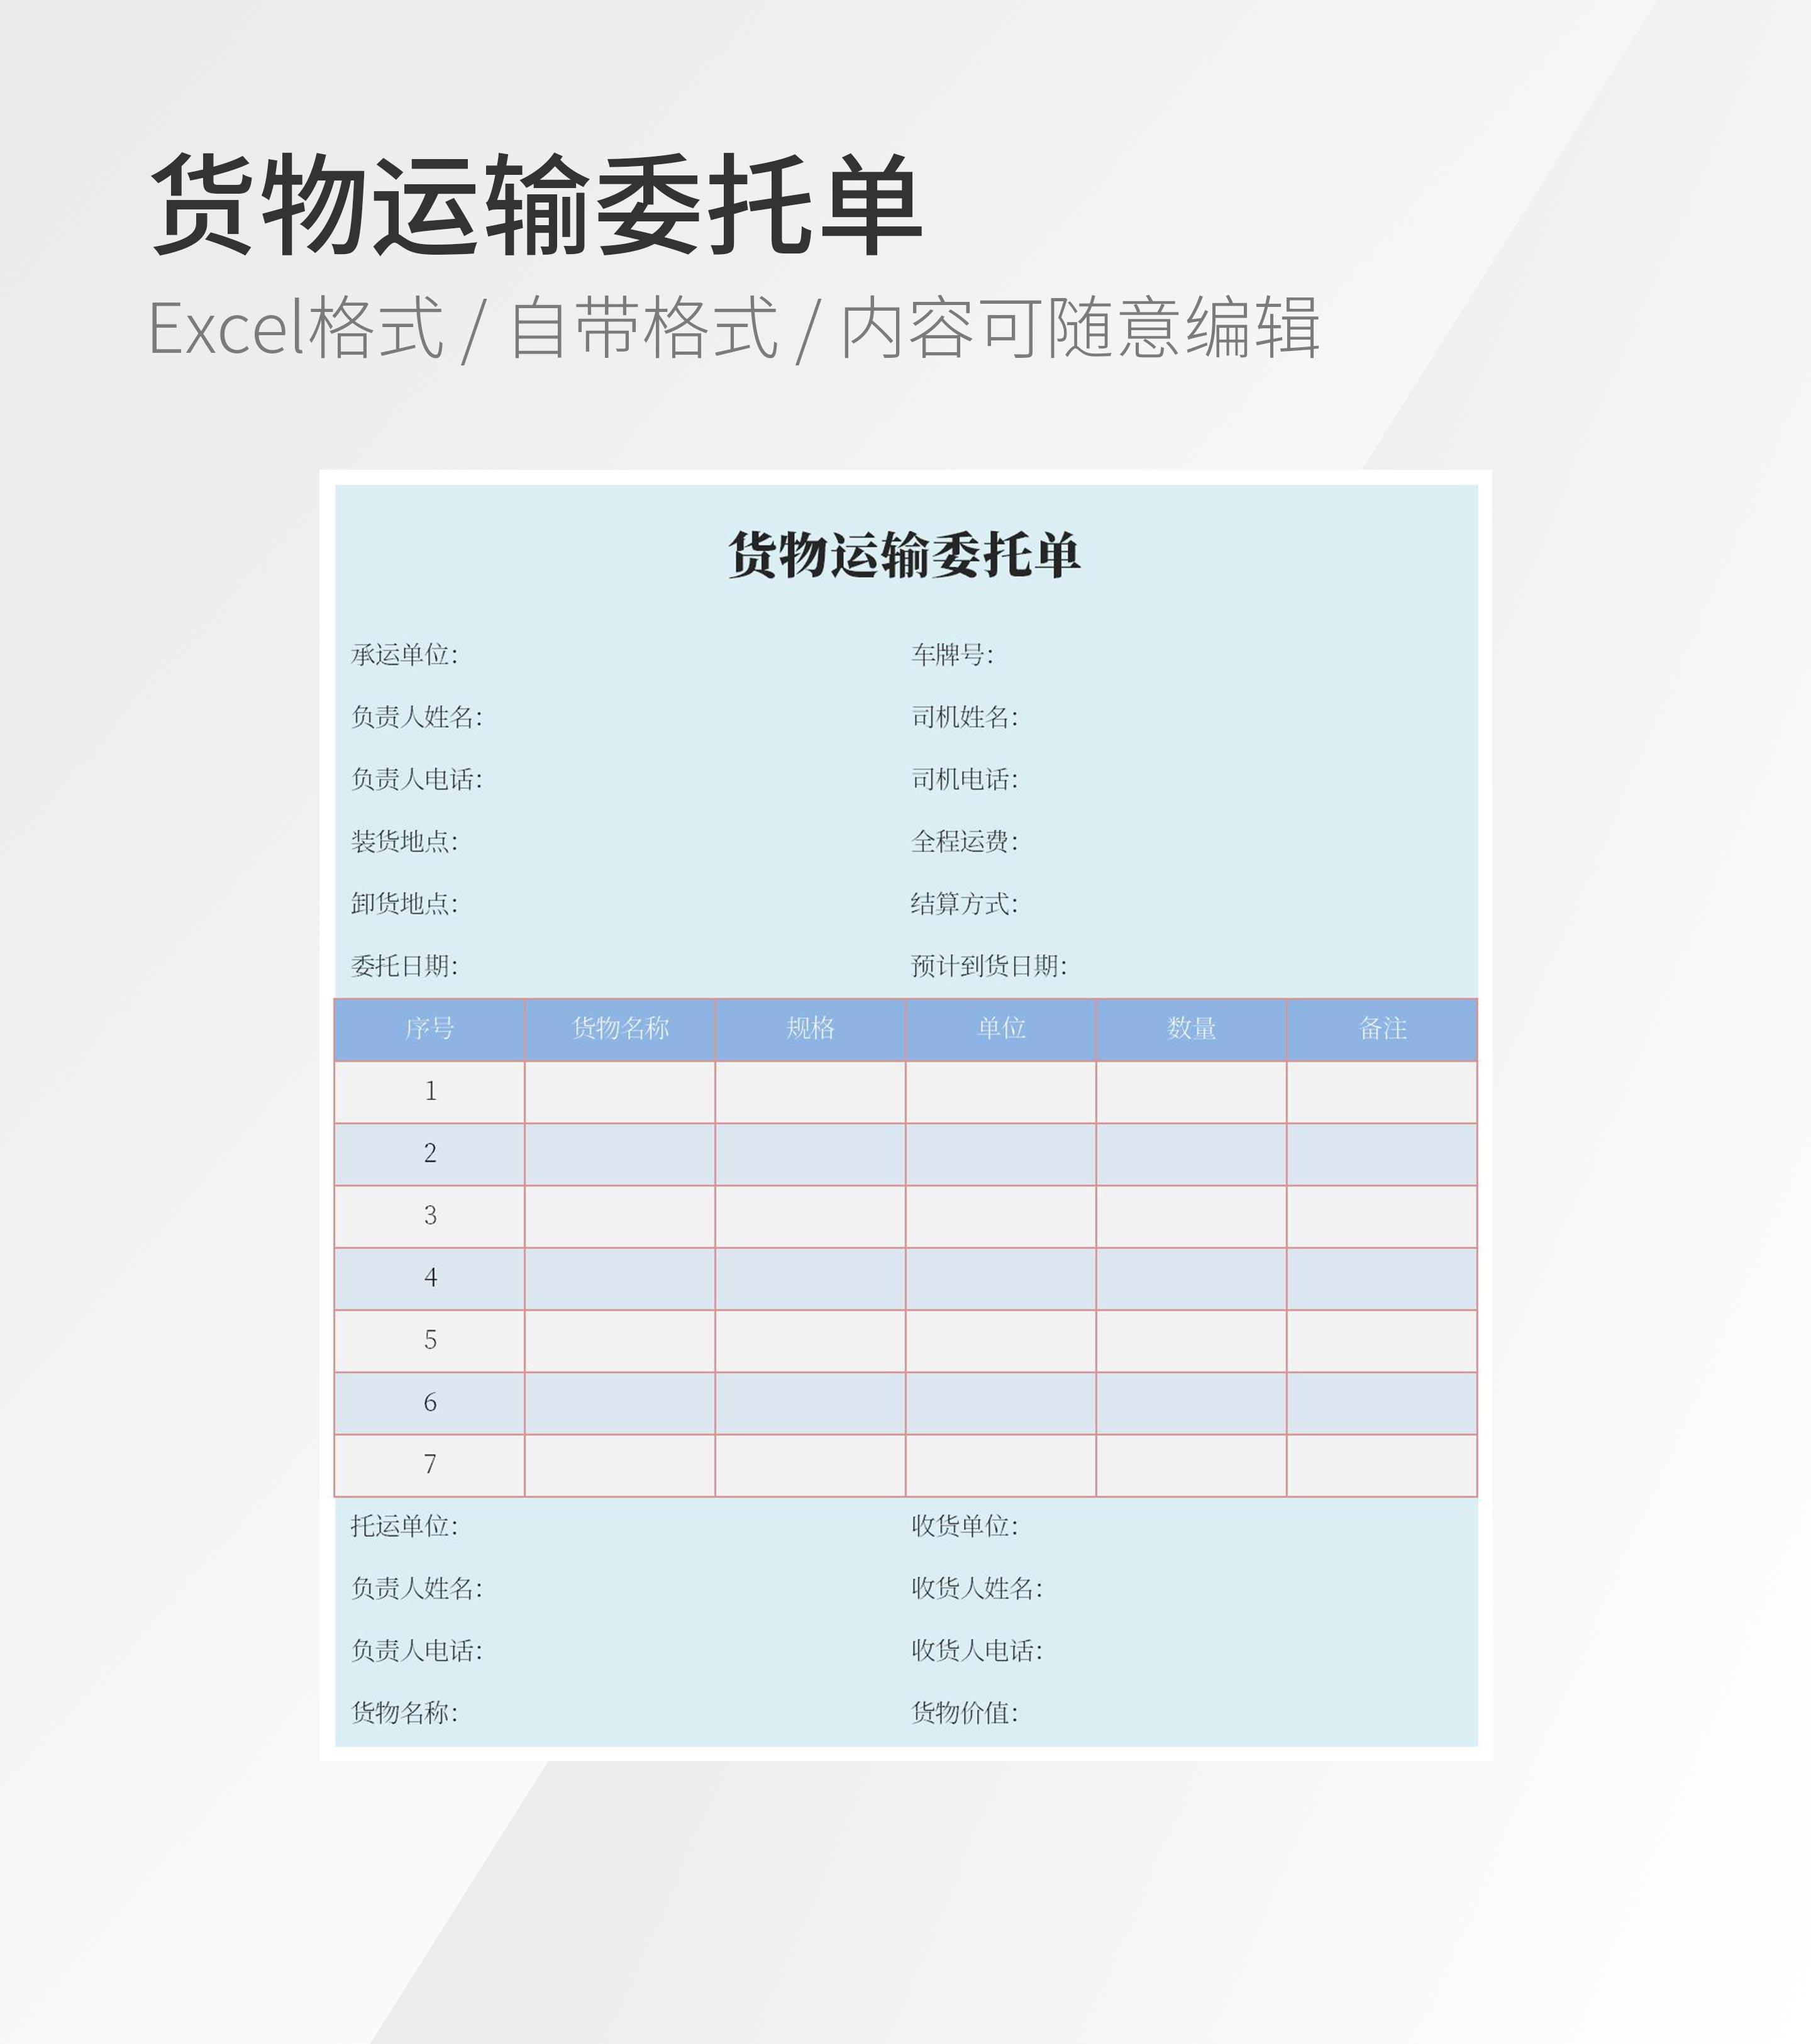 货物运输委托单模板